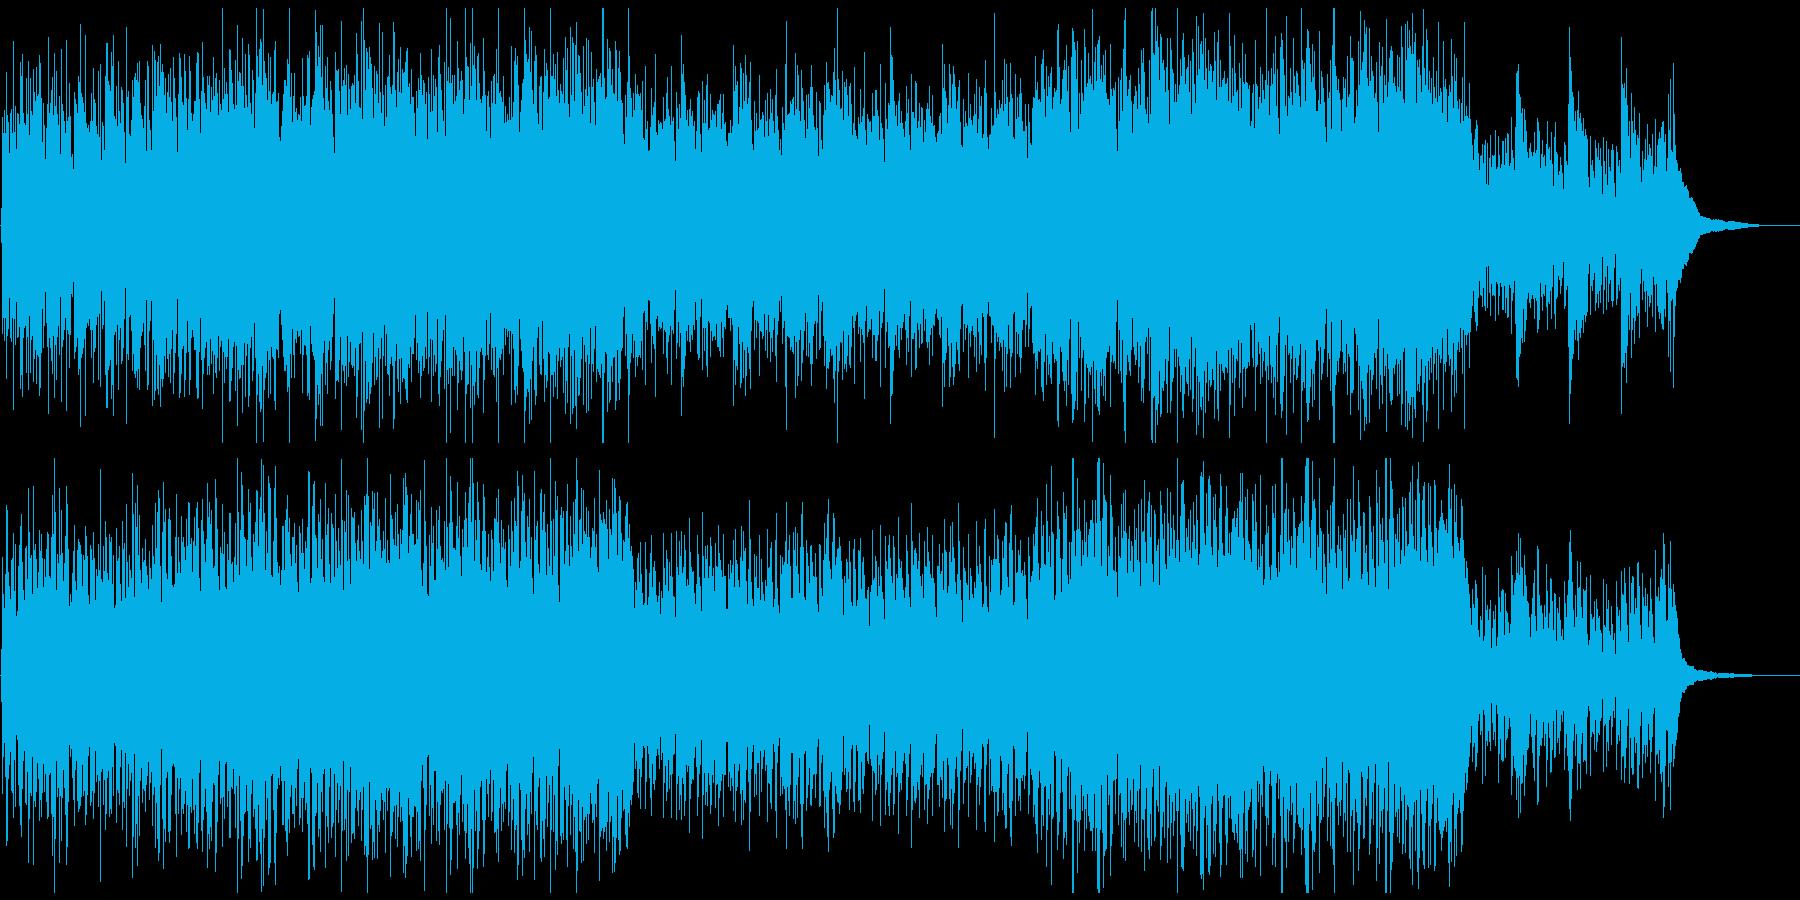 おしゃれ感動映像に 癒しピアノバラードの再生済みの波形